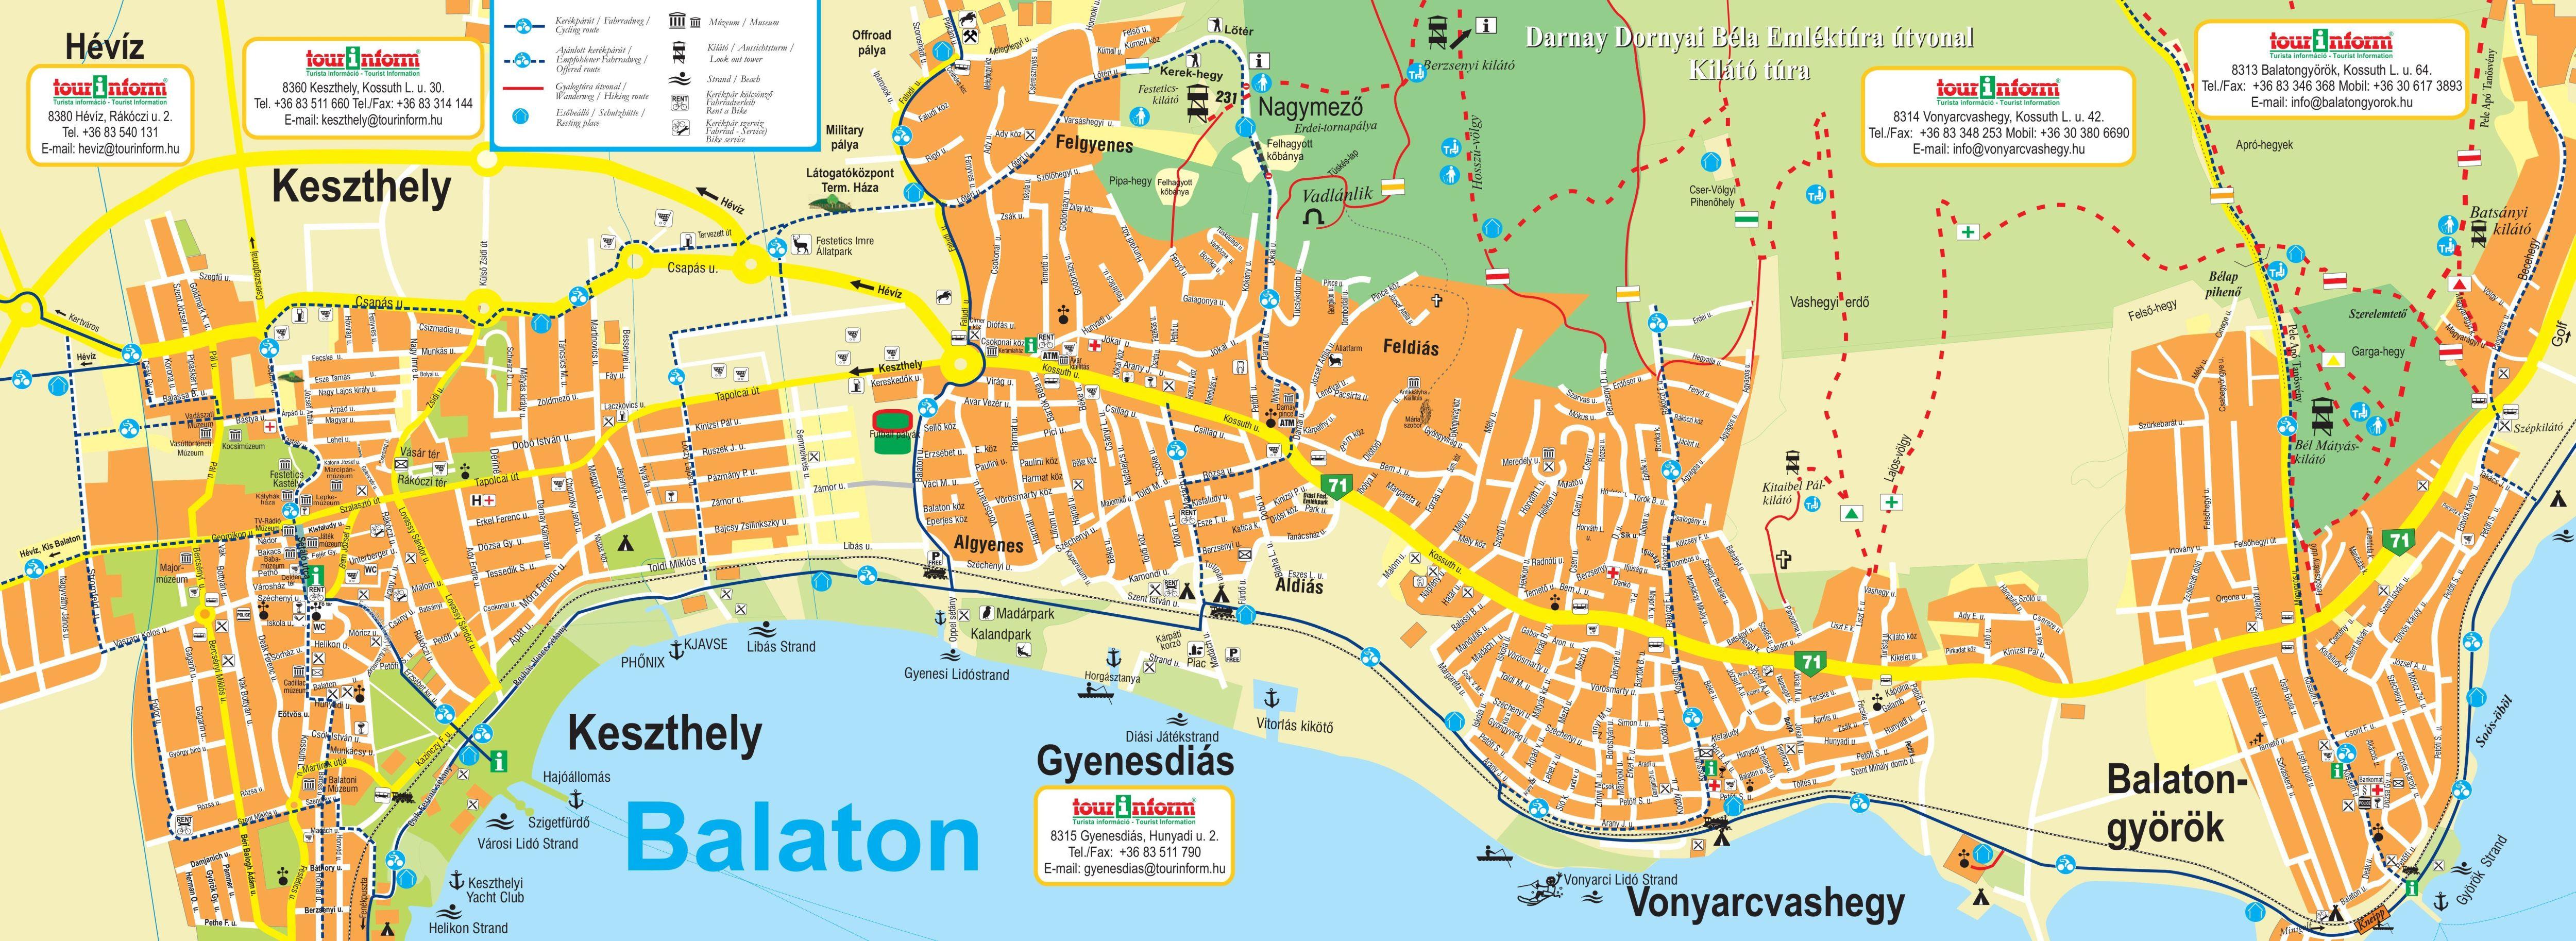 balatongyörök térkép West Balaton Sétatérkép | West Balaton.hu balatongyörök térkép